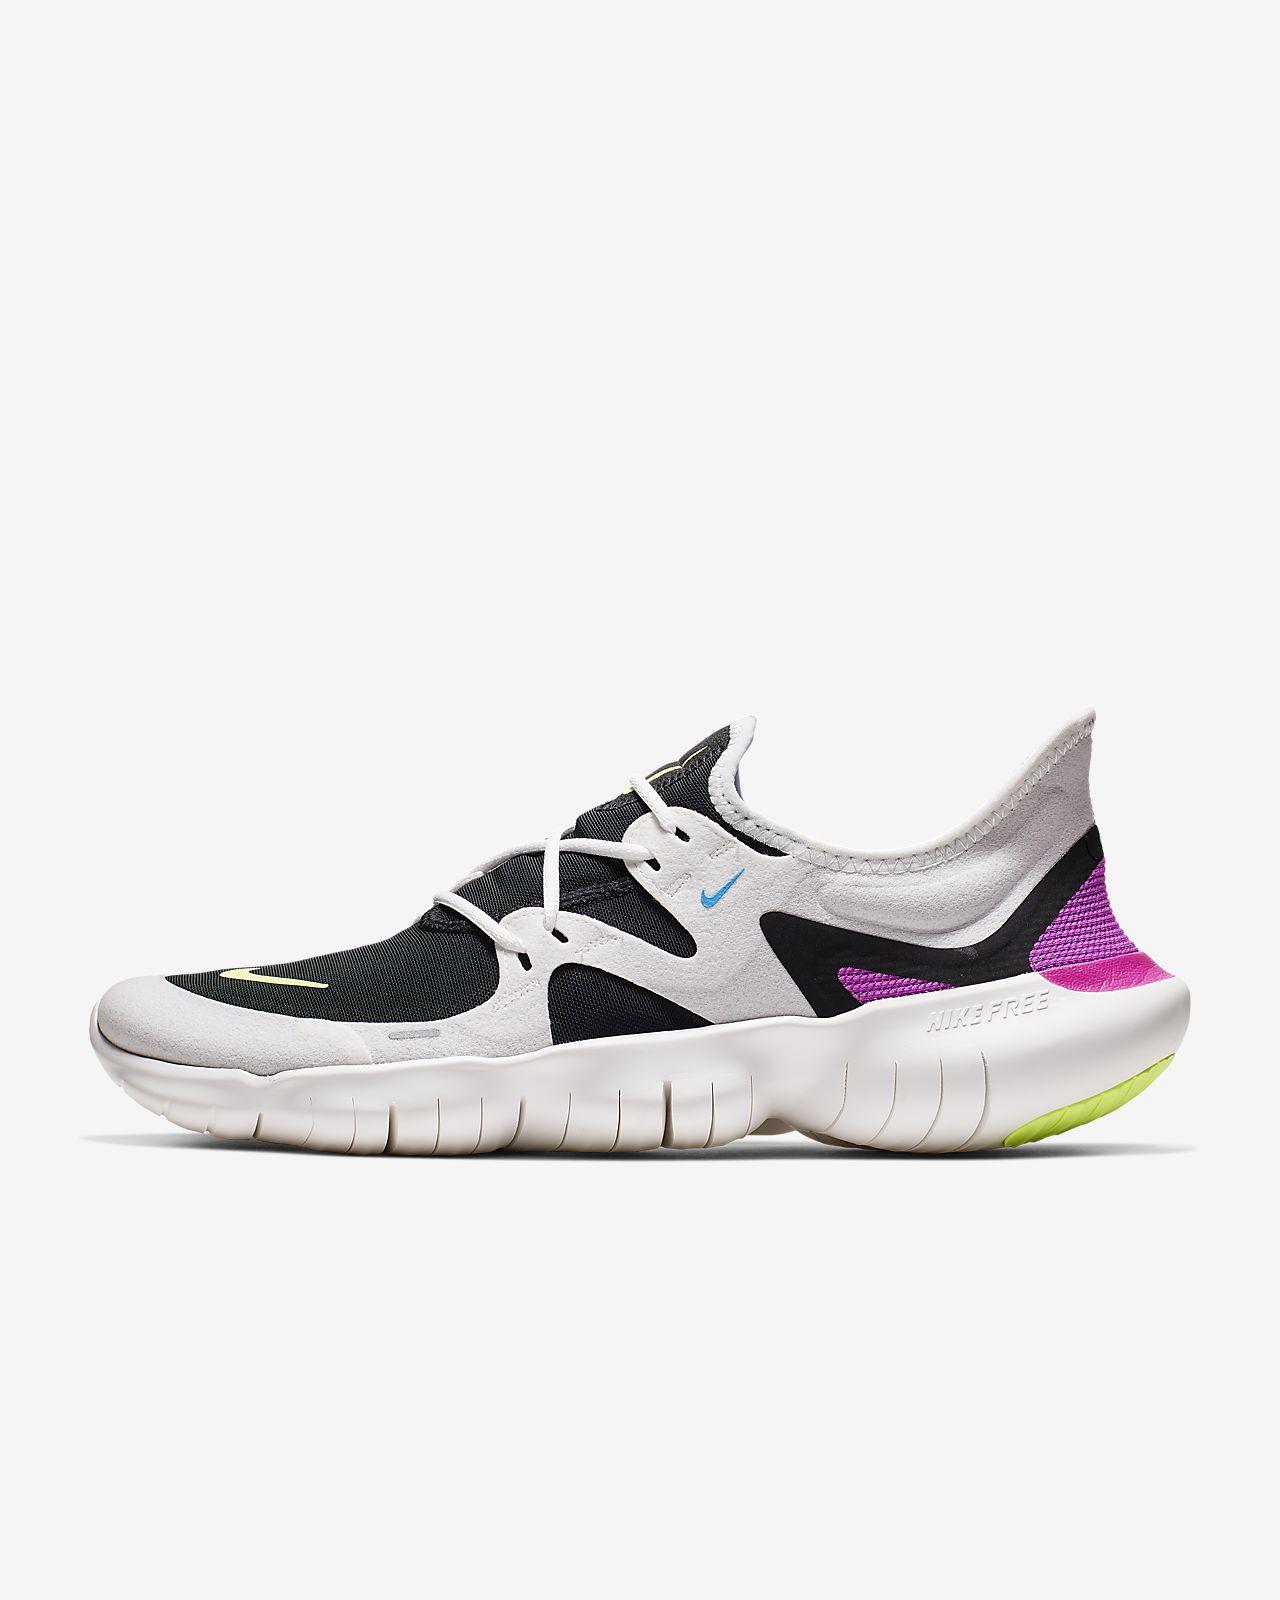 Nike Free Run 5.0 Pink And Black Nike Air Max Id 1 Womens